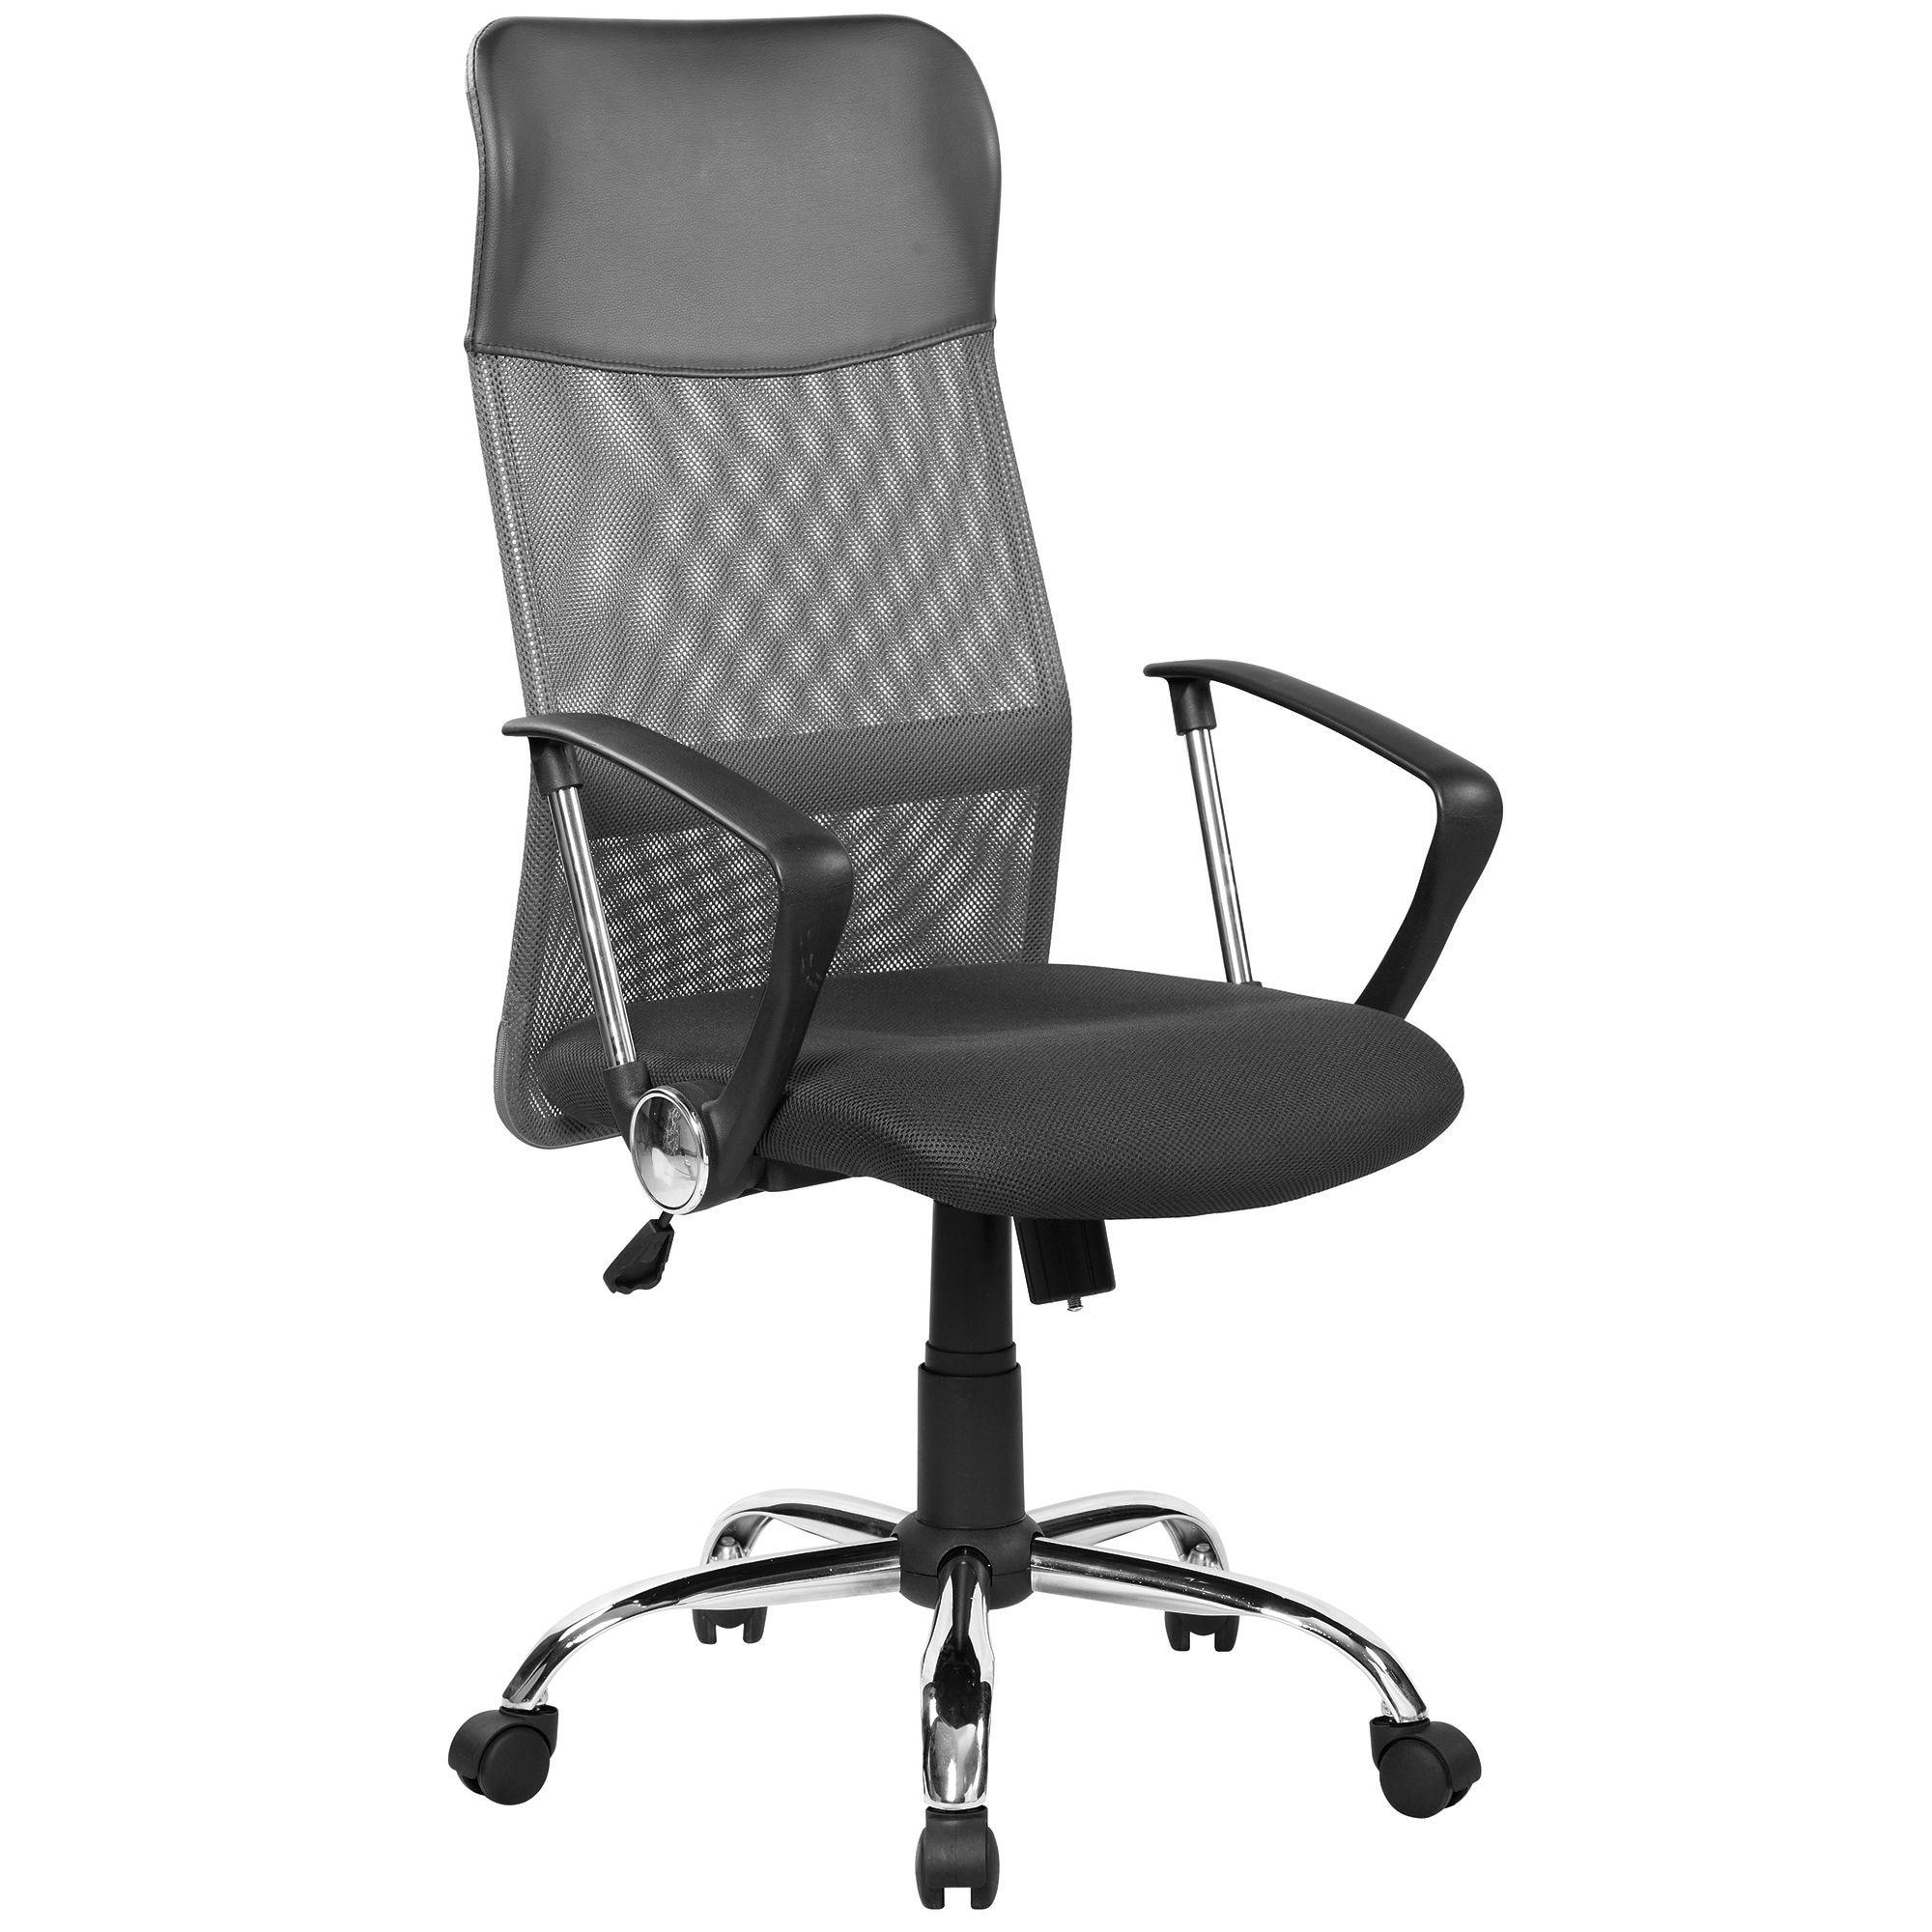 Kring Fit Ergonomikus irodai szék, Hálós, FeketeSzürke eMAG.hu